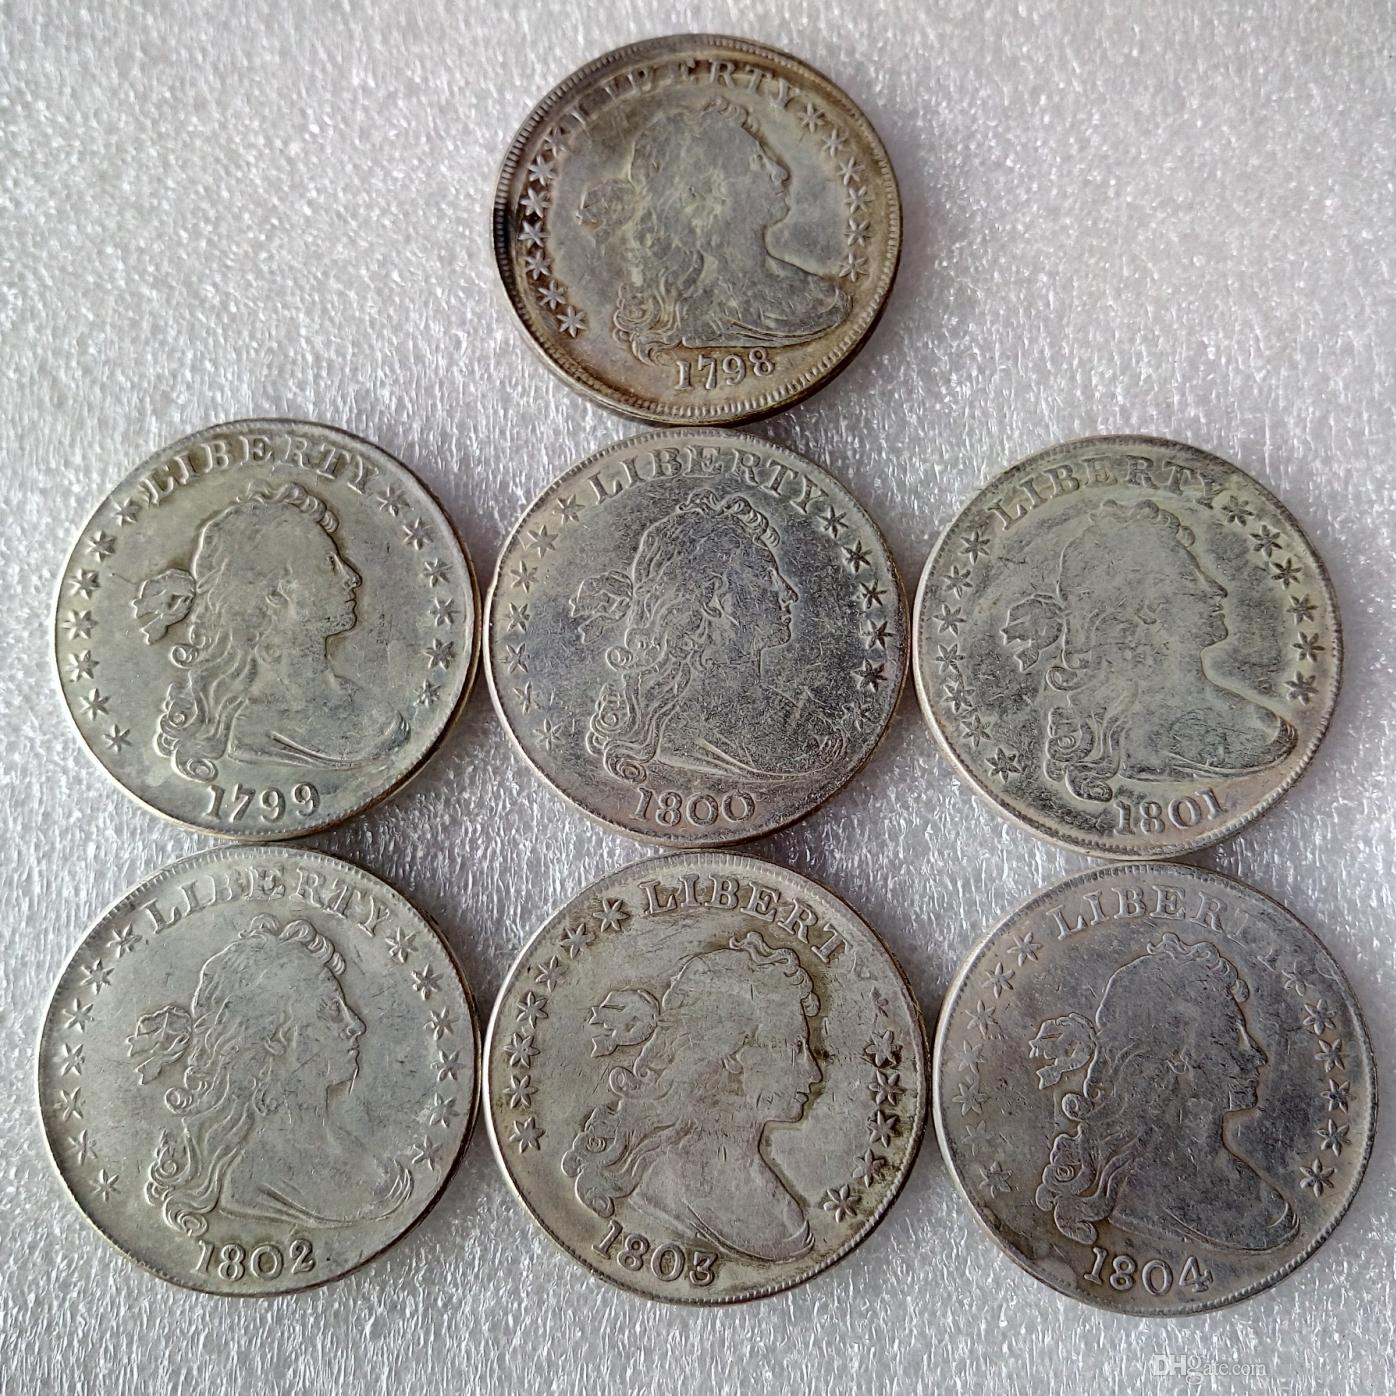 عملات الولايات المتحدة 1798-1804 7 قطع رايات التمثال النحاس الفضة مطلي الدولار نسخة عملة